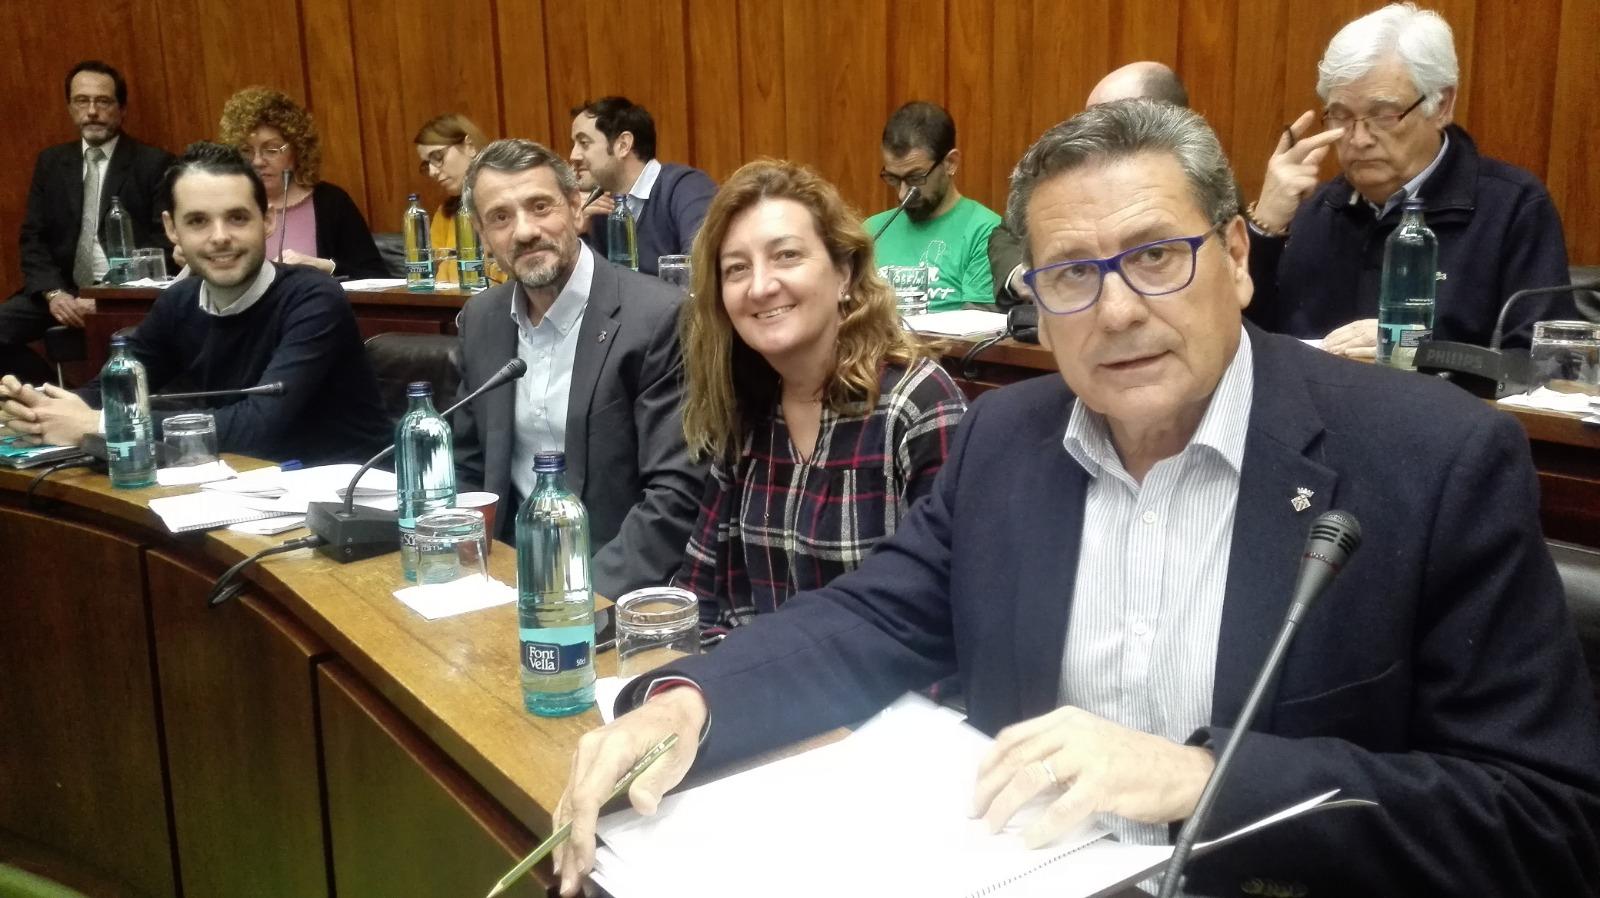 Los cuatro concejales de Cs en l'Hospitalet de Llobregat, momentos antes de iniciar el pleno de febrero